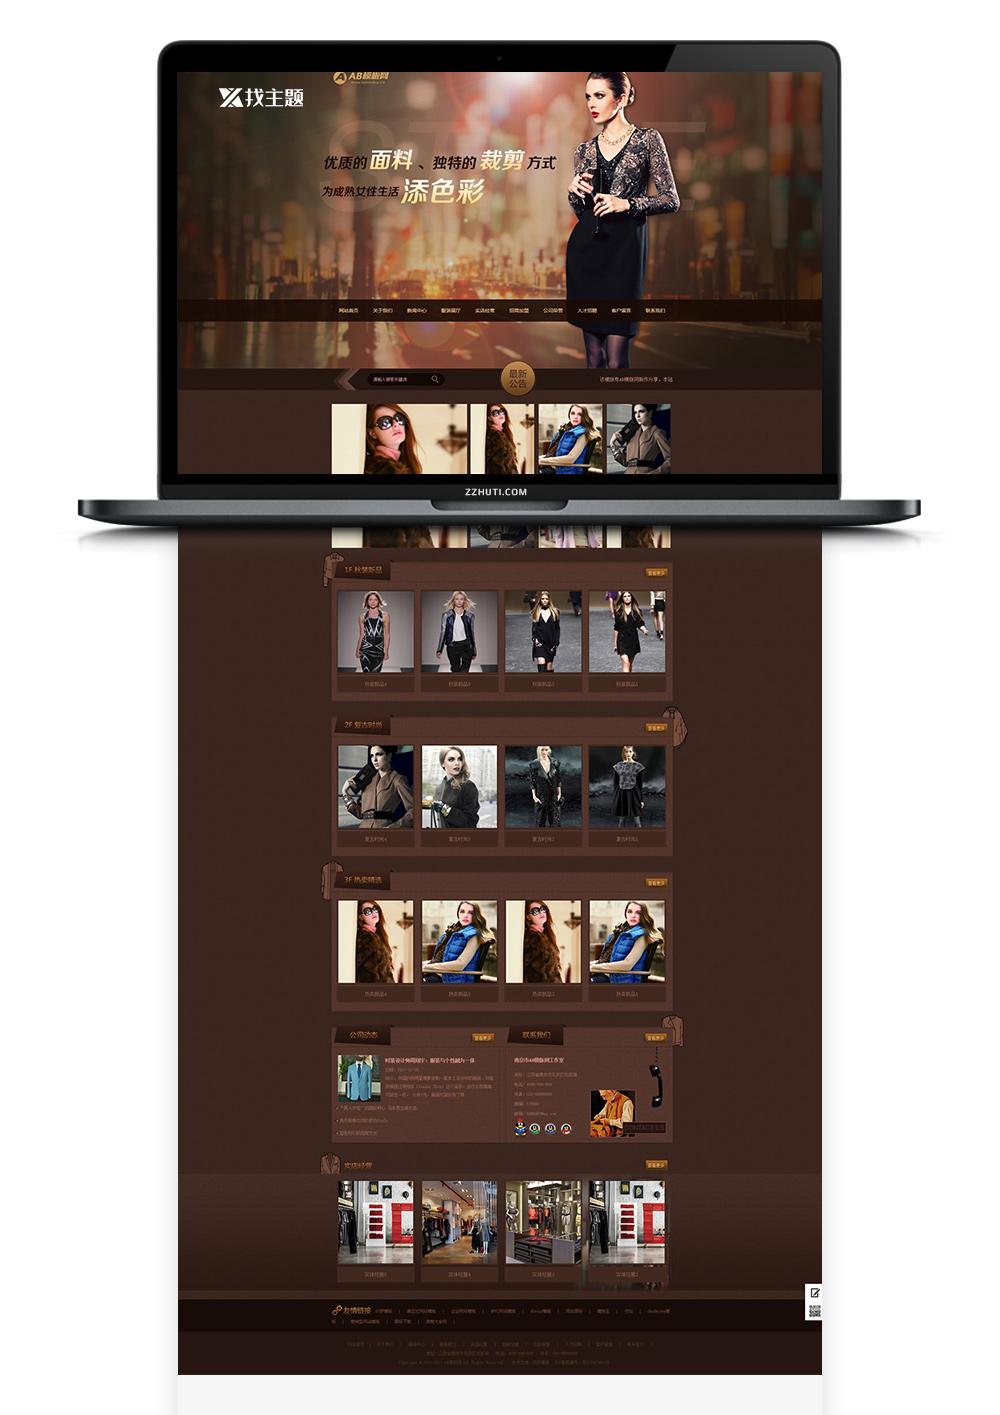 【服装面料类】织梦cms咖啡色模板 网站源码 带手机版数据同步-找主题源码